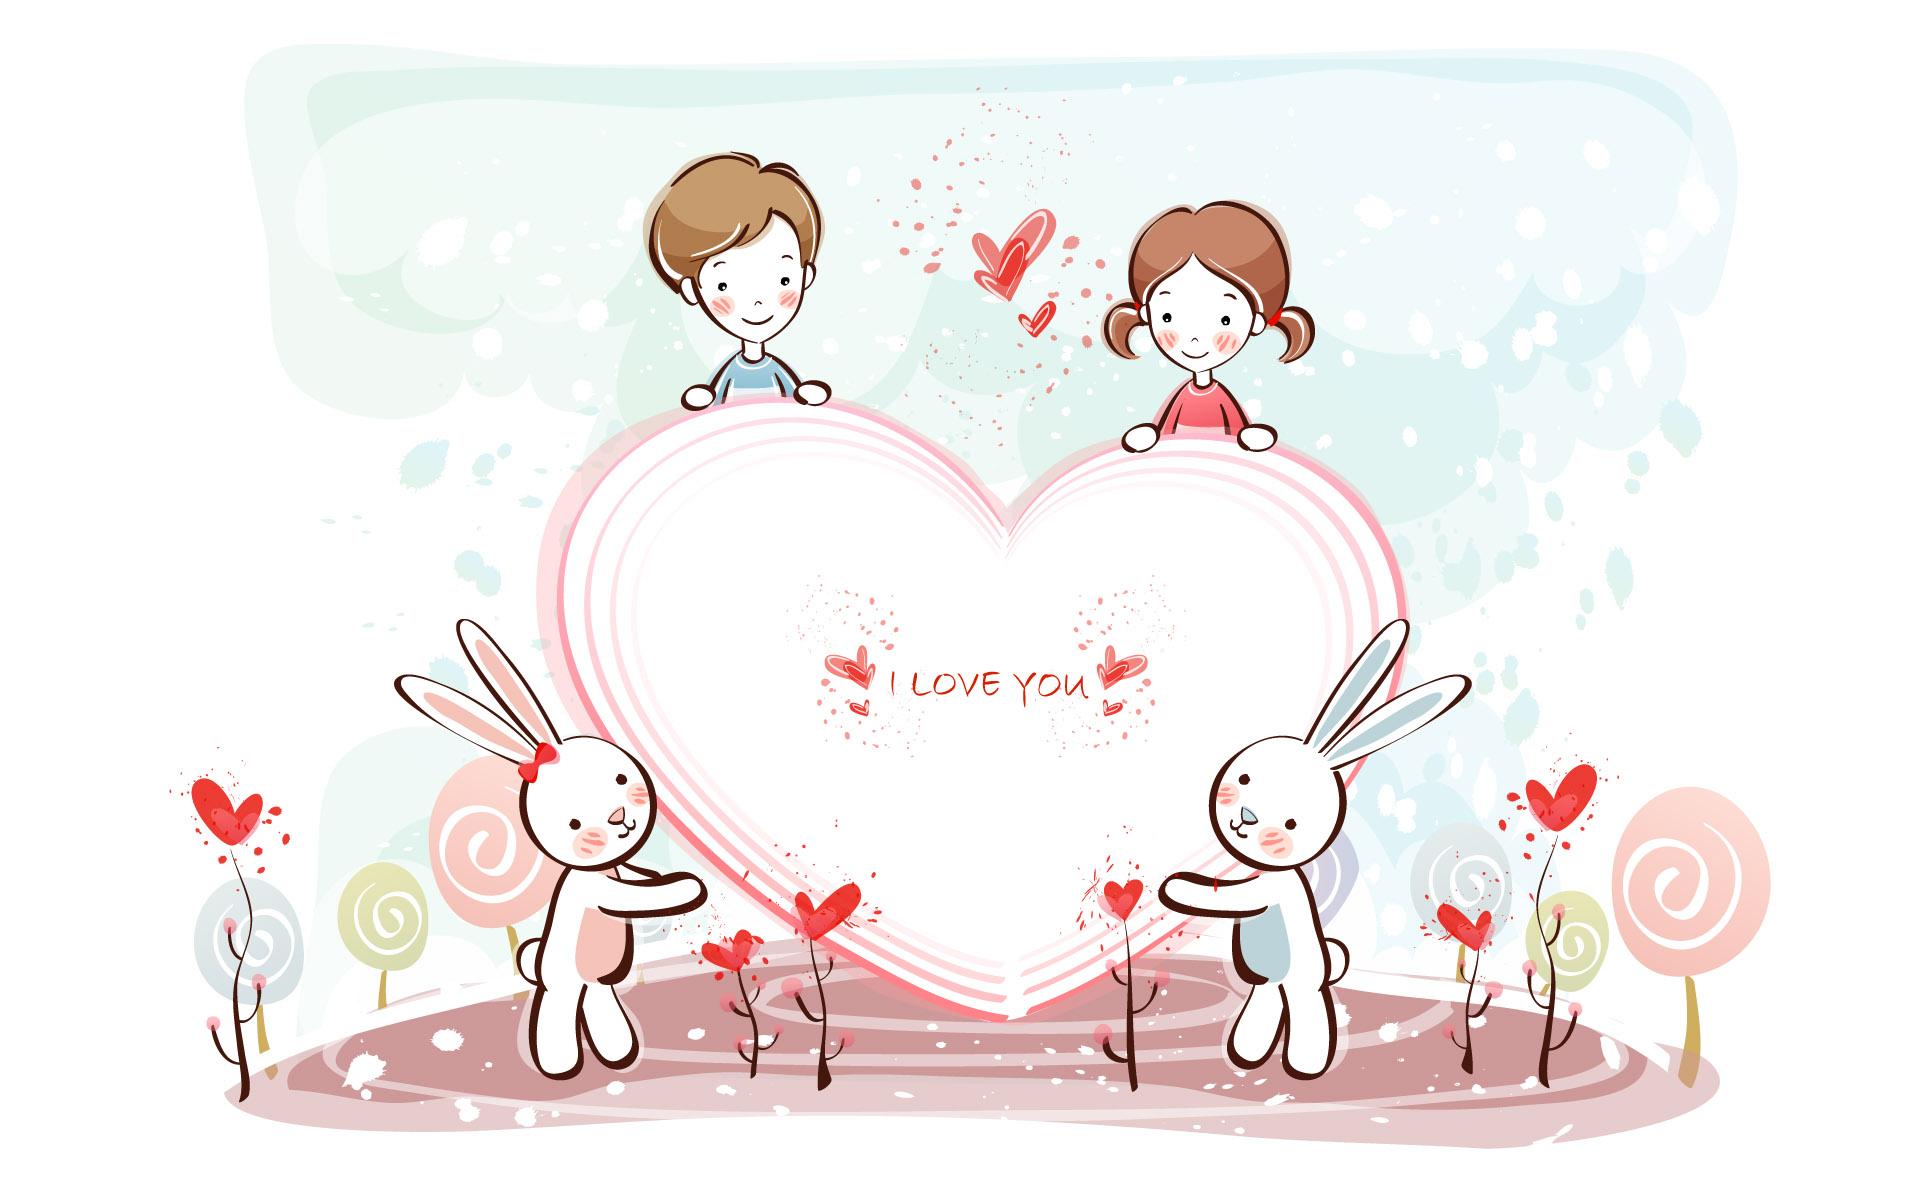 Приятных слов, милые картинки с днем святого валентина